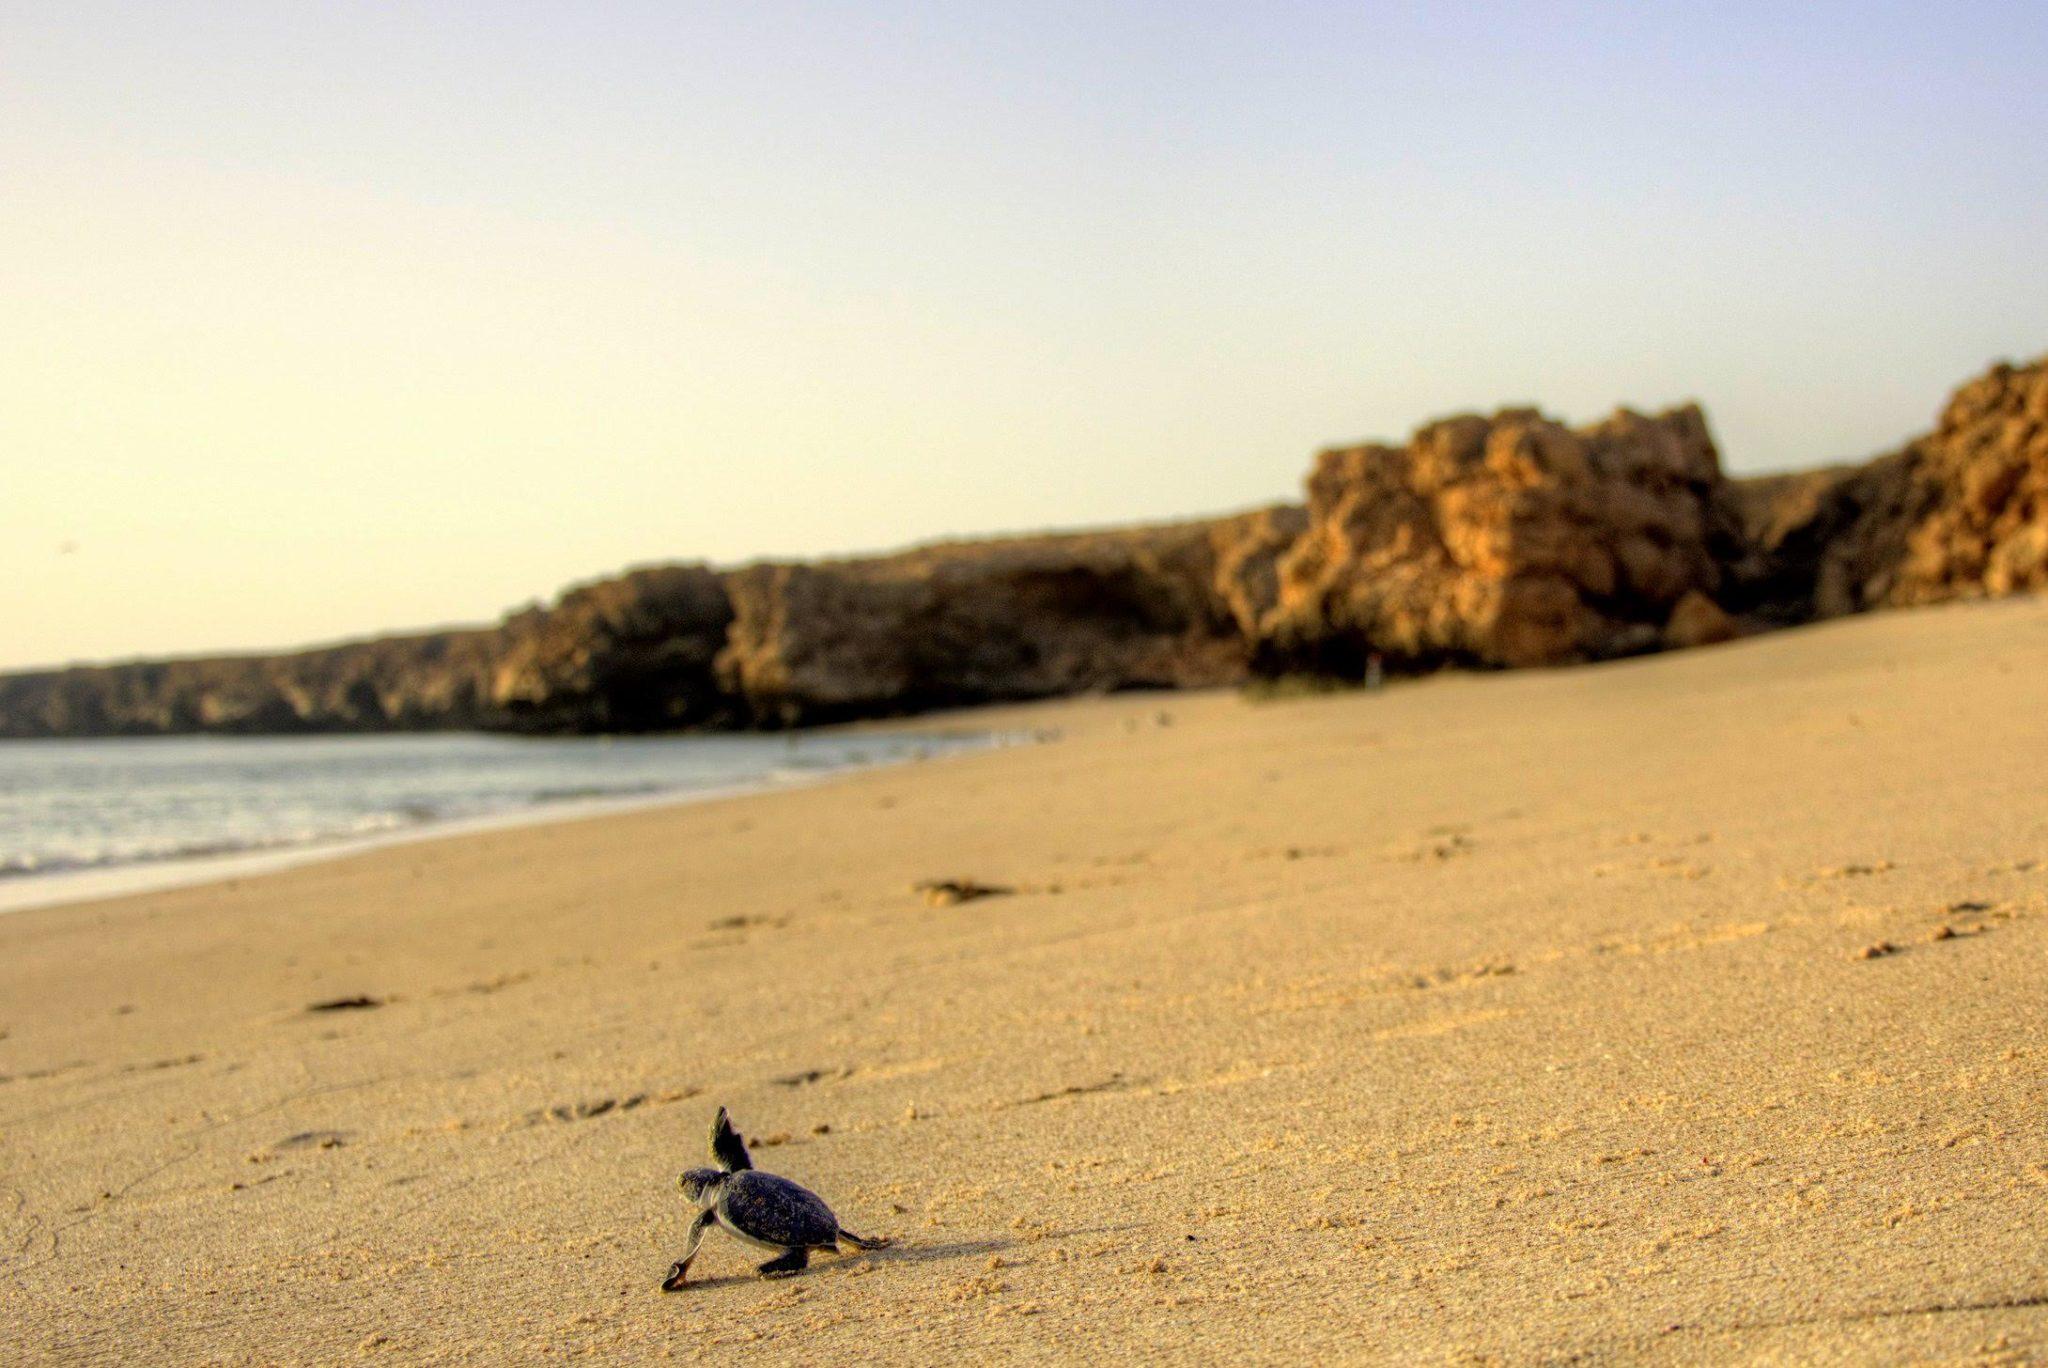 Młody żółwik zmierza do morza